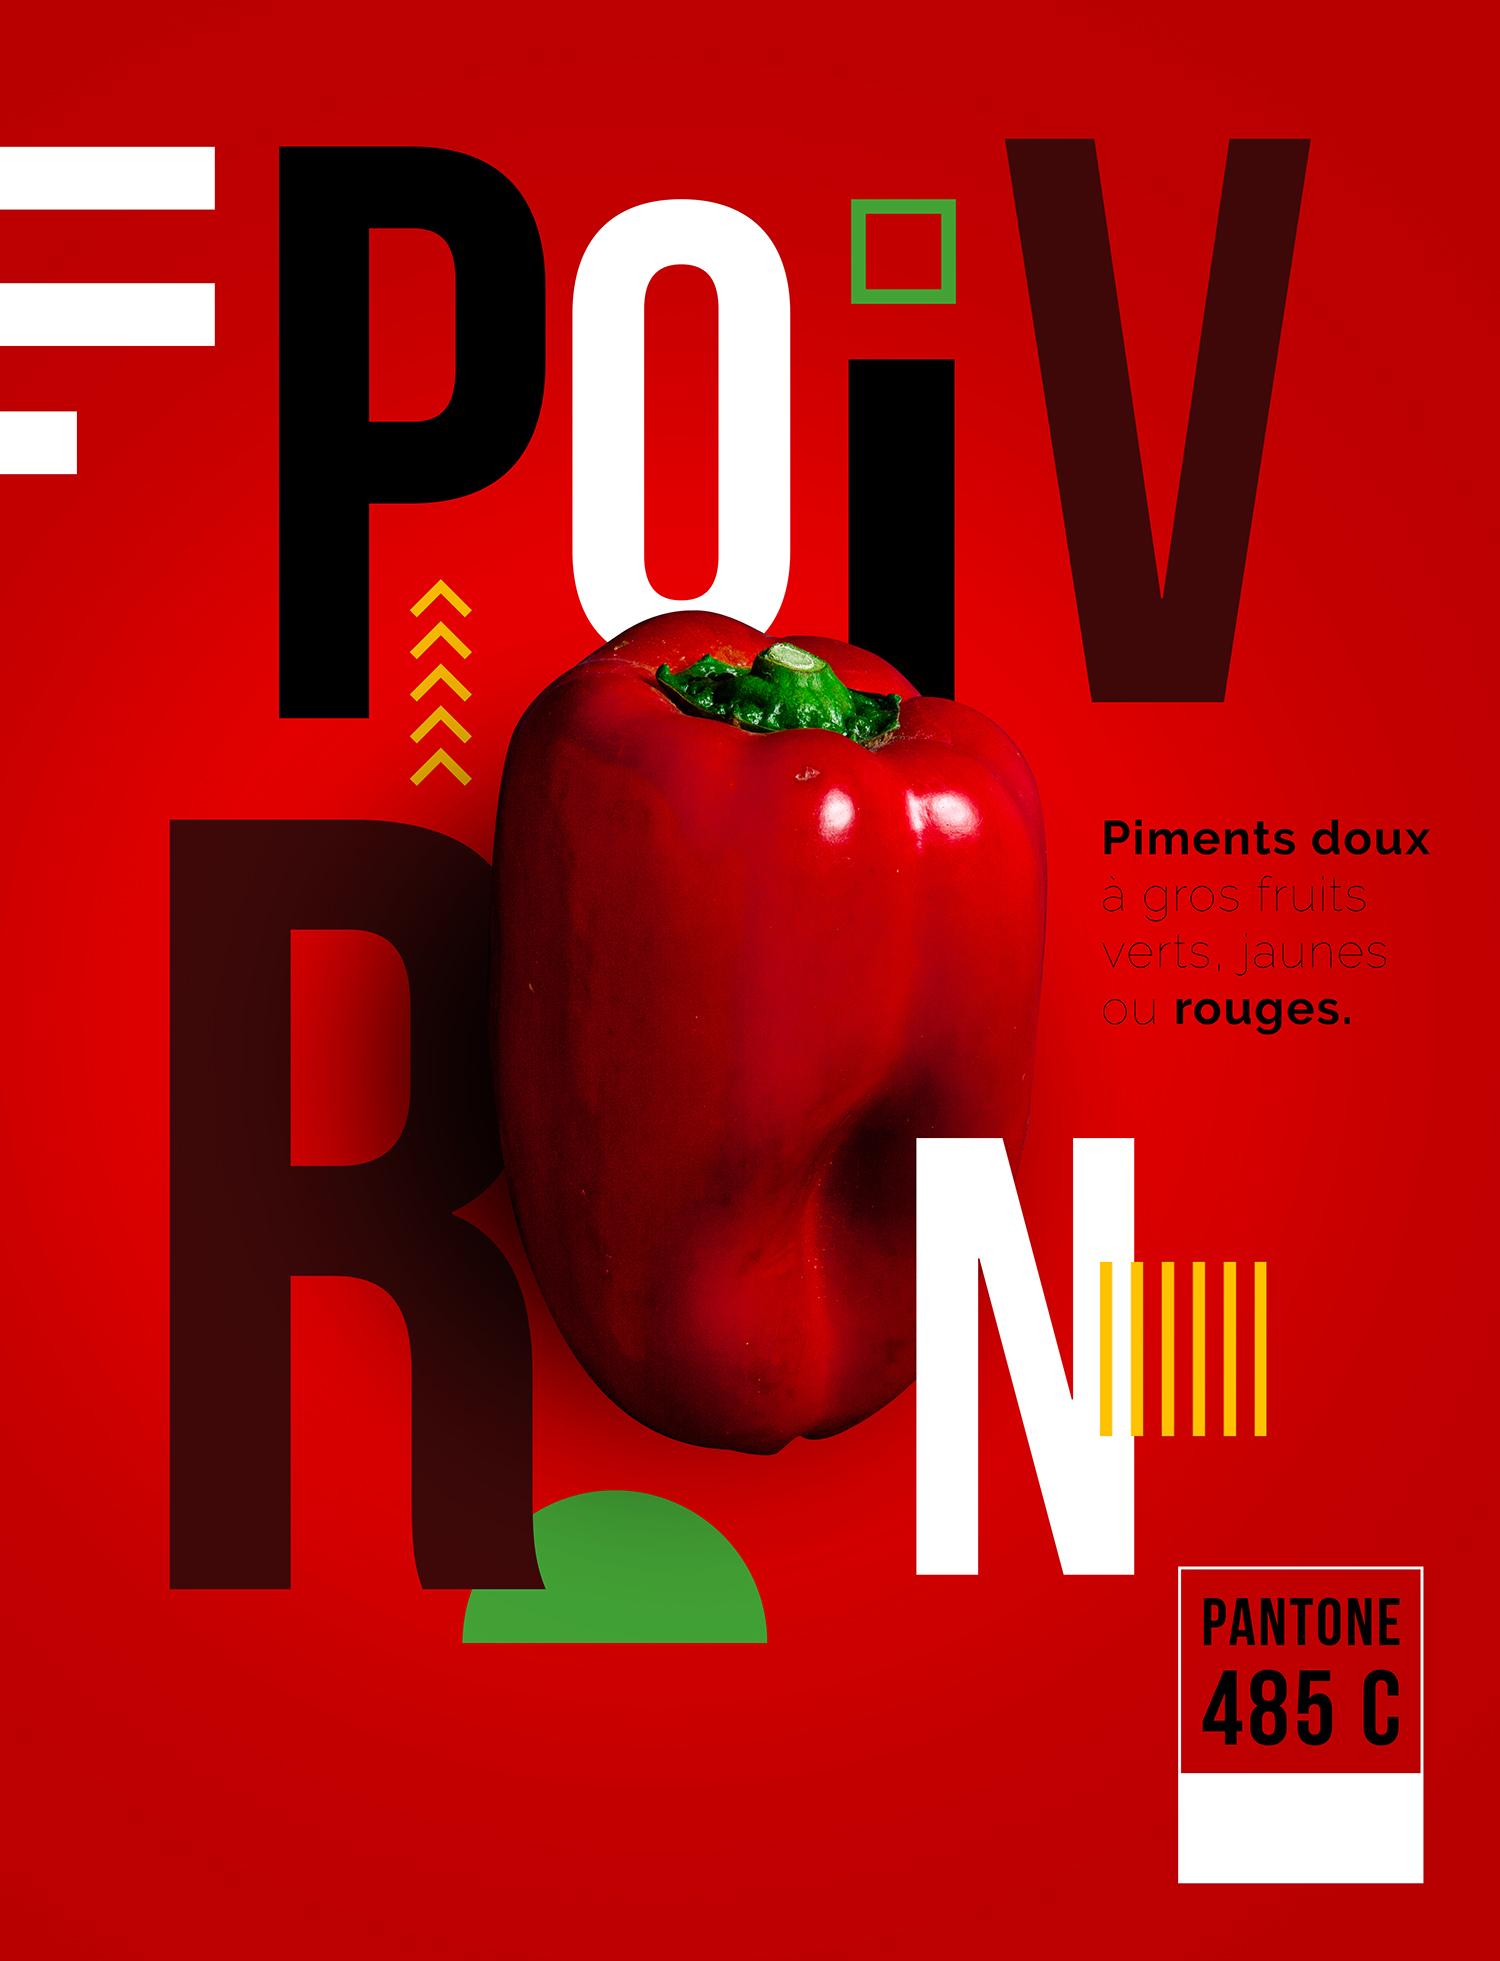 Le poivron rouge intégré dans son affiche